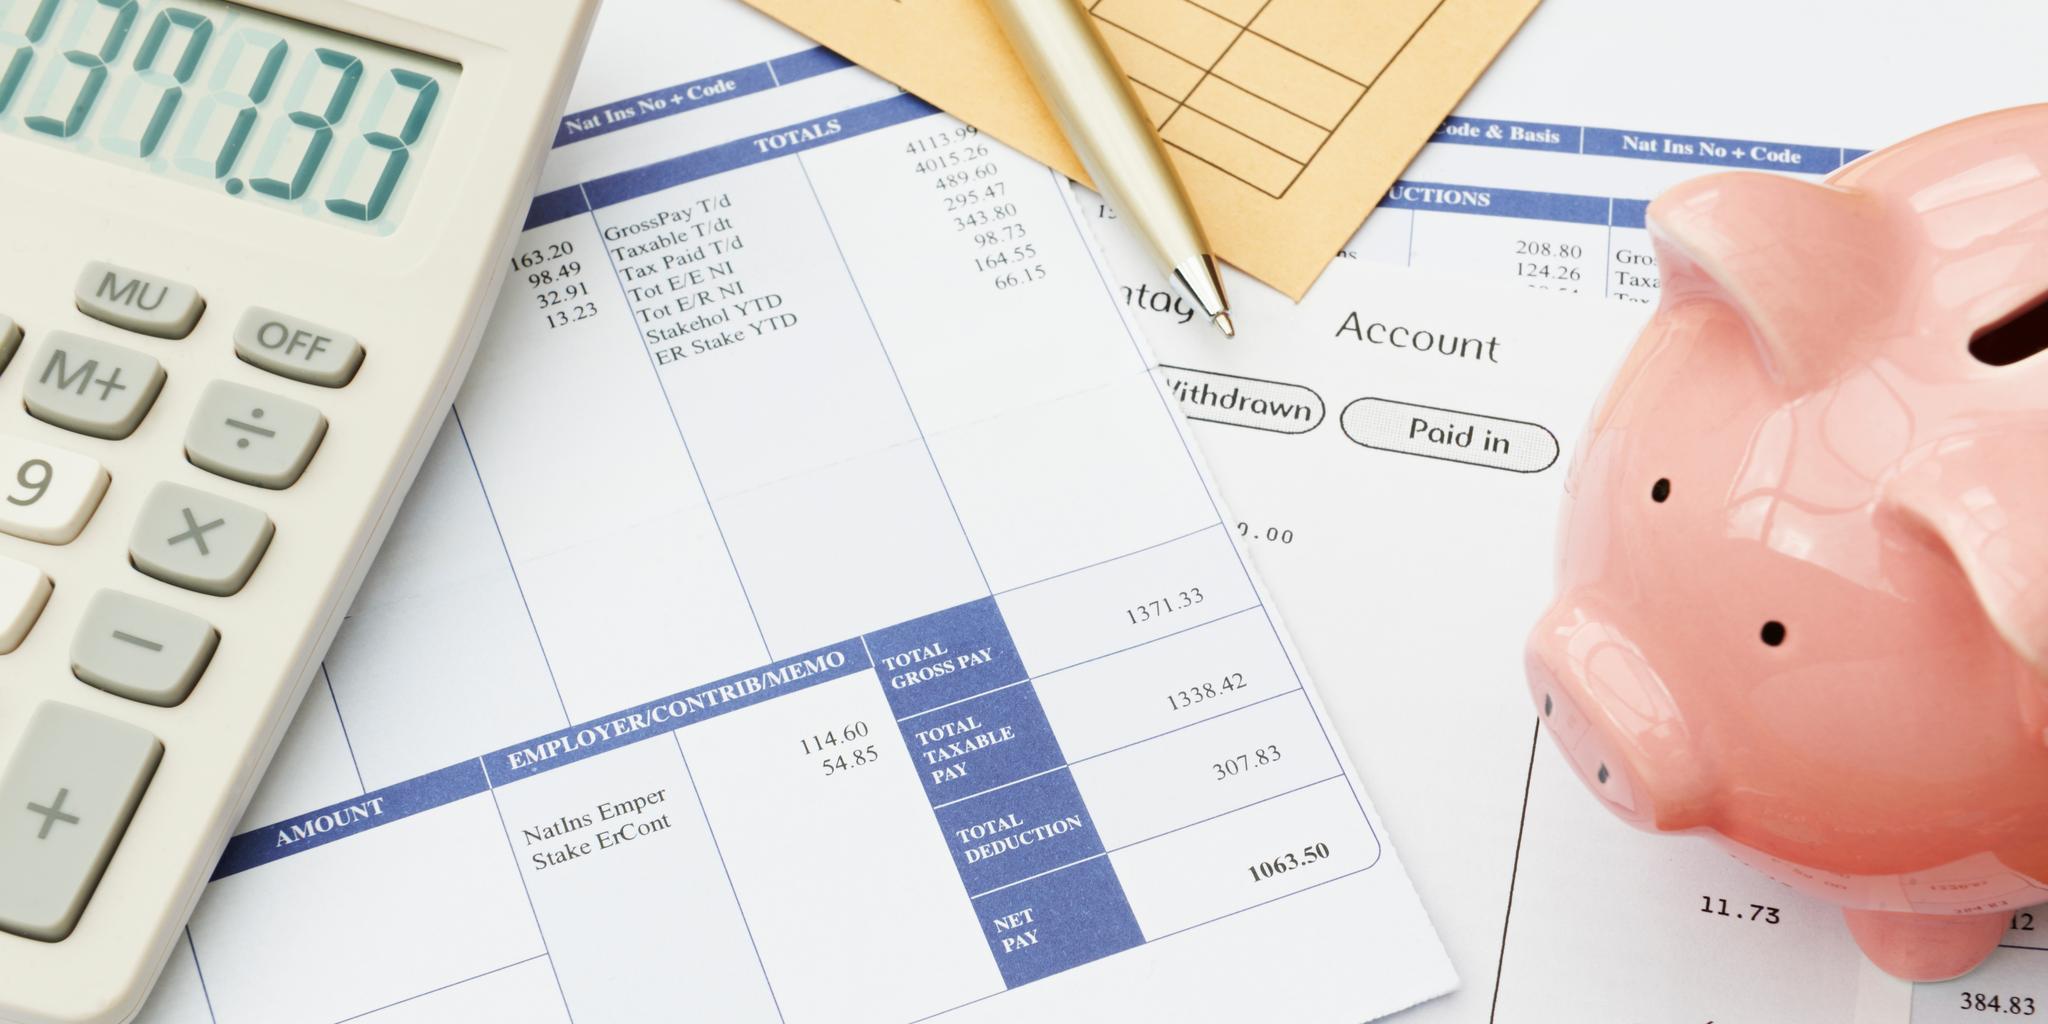 Dgb bundesvorstand lohn zu sp t 40 euro schadensersatz for Innendekorateur ausbildung lohn